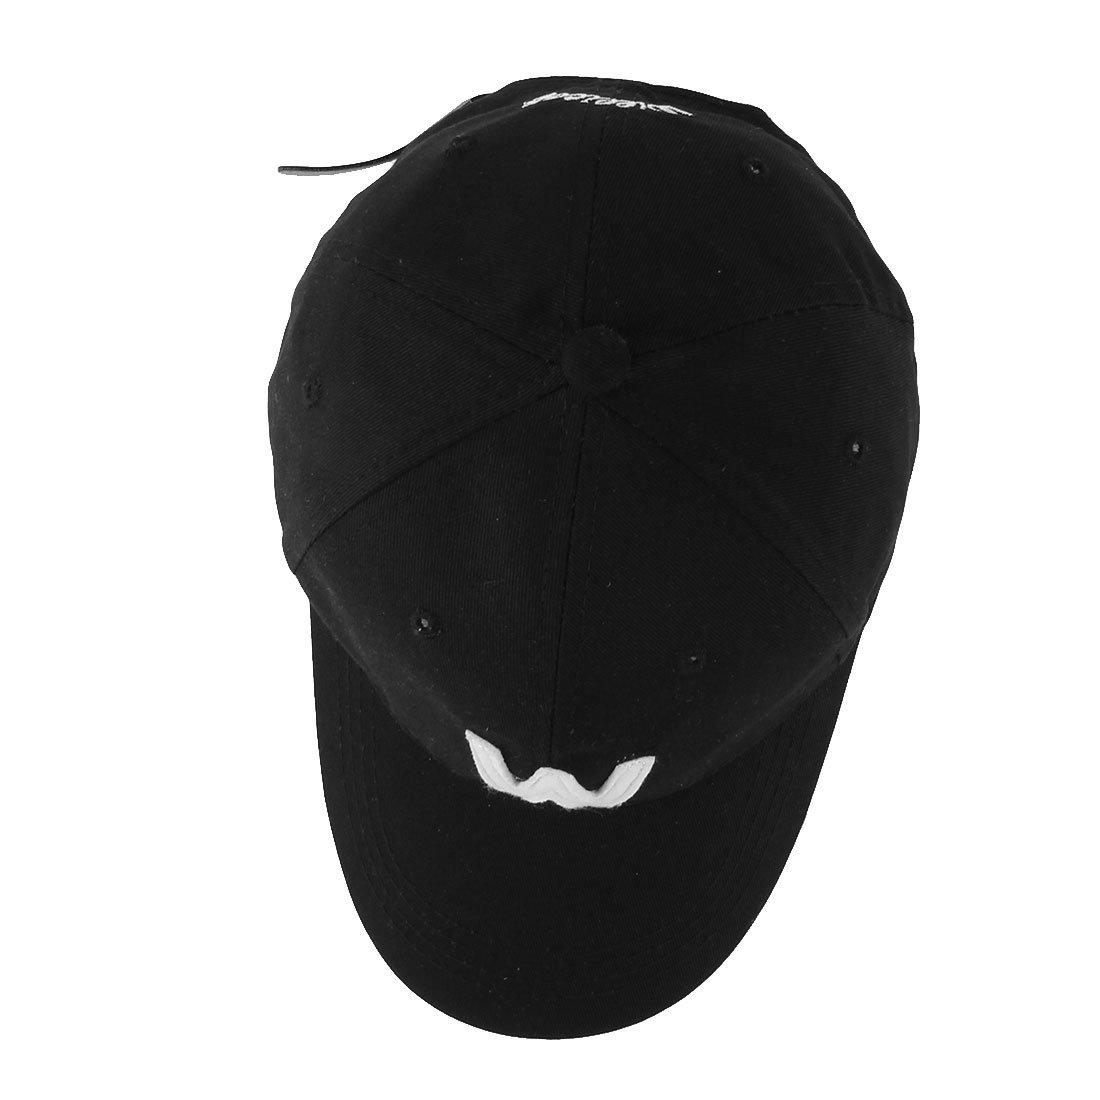 Amazon.com : eDealMax Mezclas de algodón, Verano al aire Libre, patrón de la letra, Ajustable Leisure Golf Gorra de béisbol : Sports & Outdoors